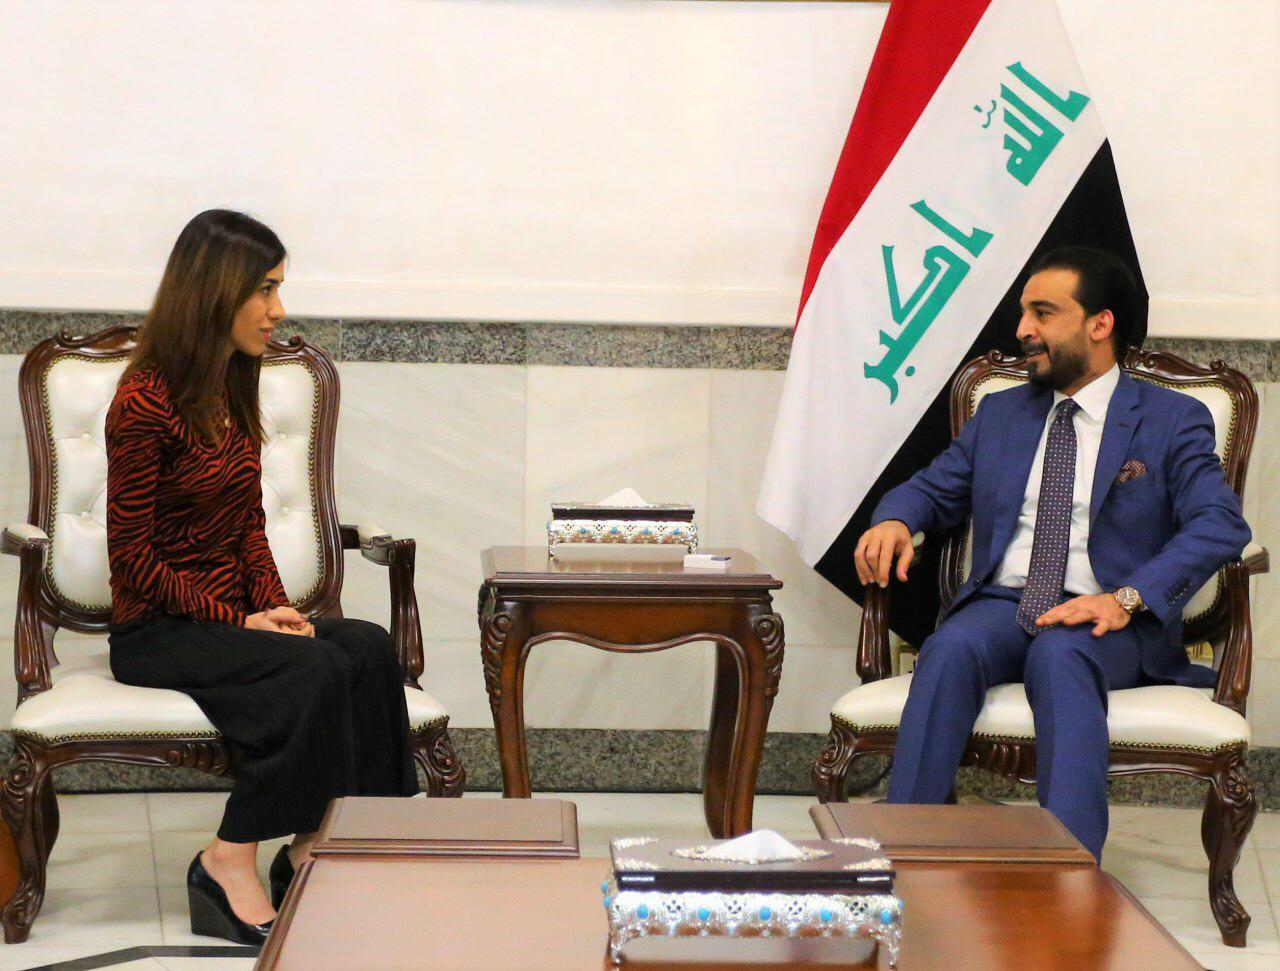 رئيس مجلس النواب محمد الحلبوسي يستقبل الناشطة نادية مراد